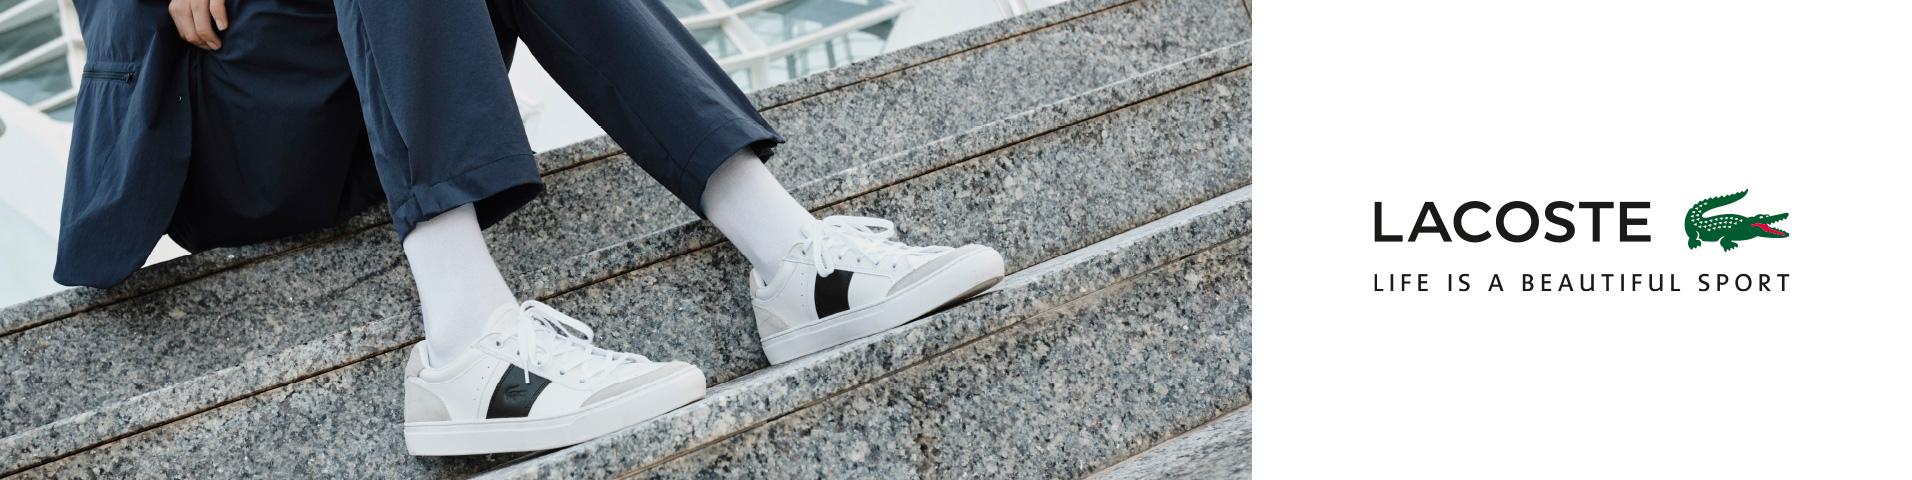 ceny odprawy super promocje ekskluzywne oferty Stylowe i wygodne buty męskie Lacoste . Najnowsze kolekcje ...